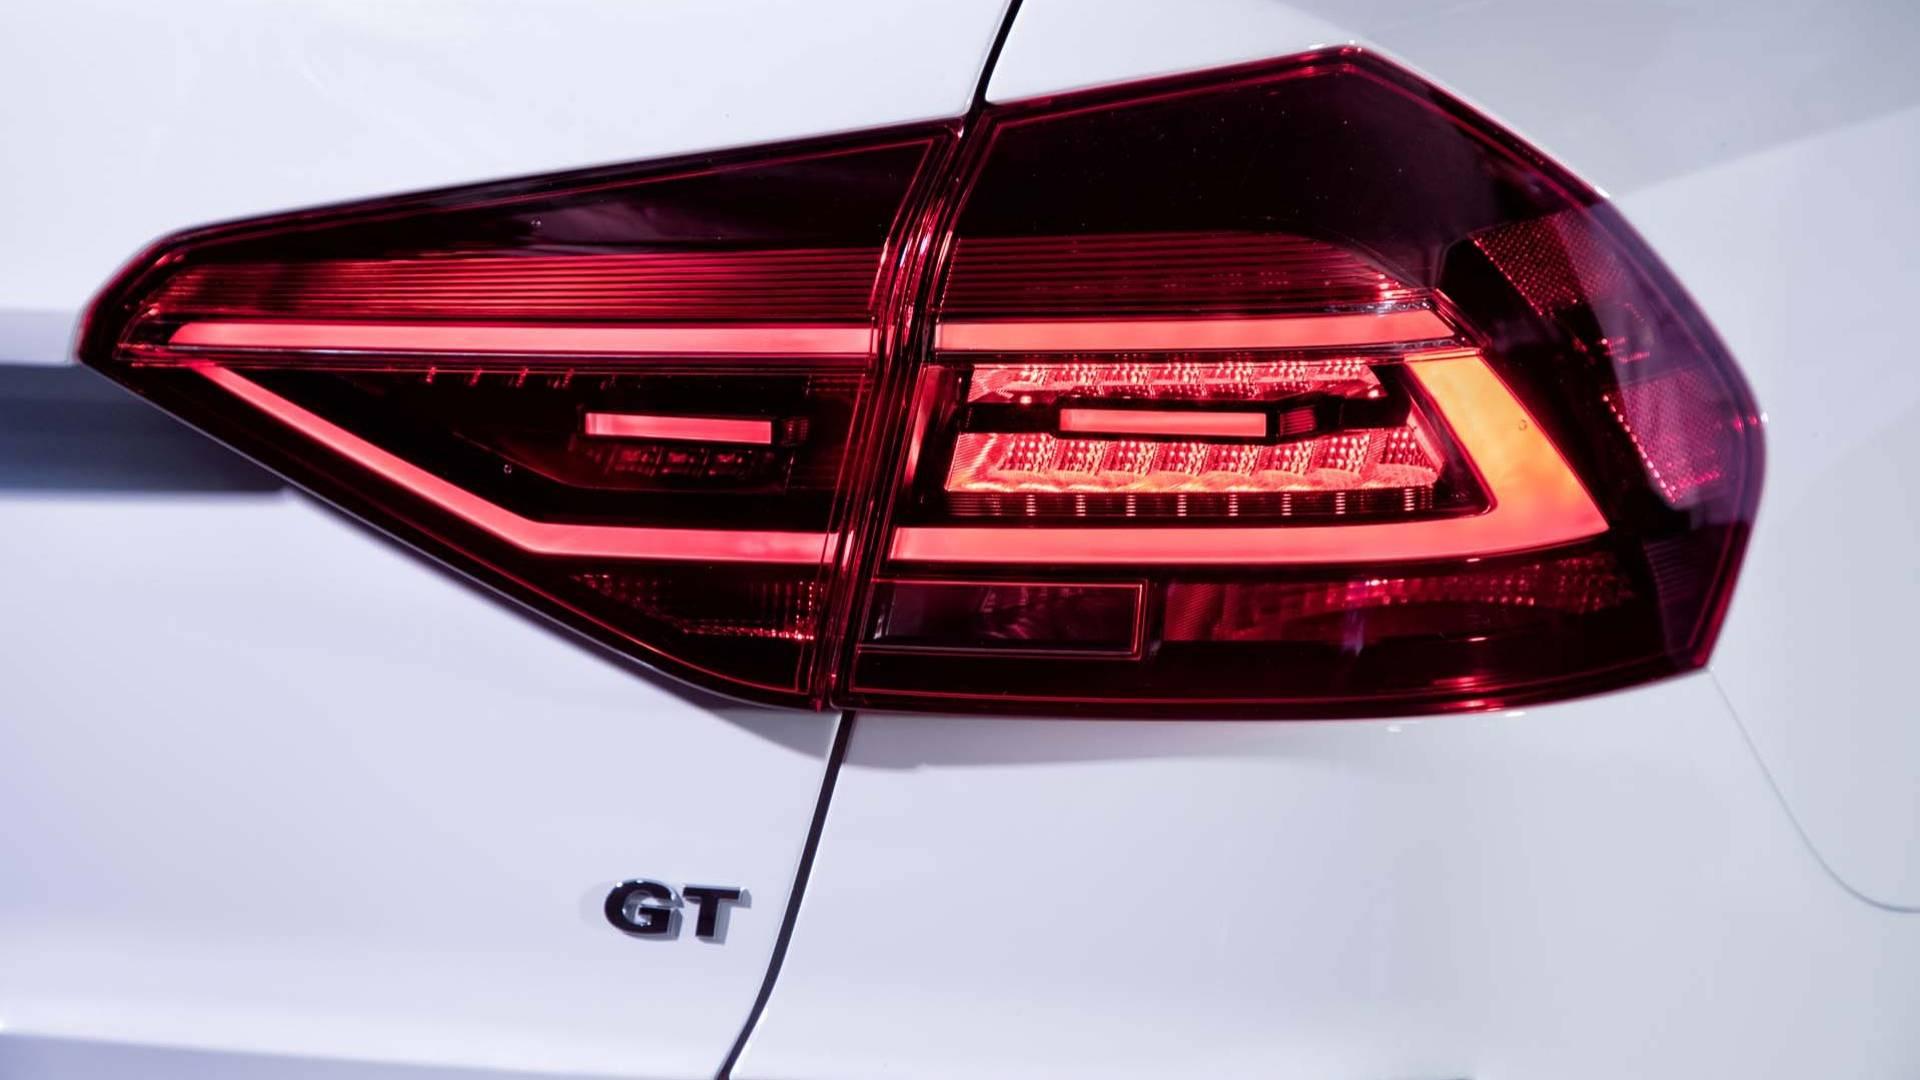 2018_Volkswagen_Passat_GT_0005